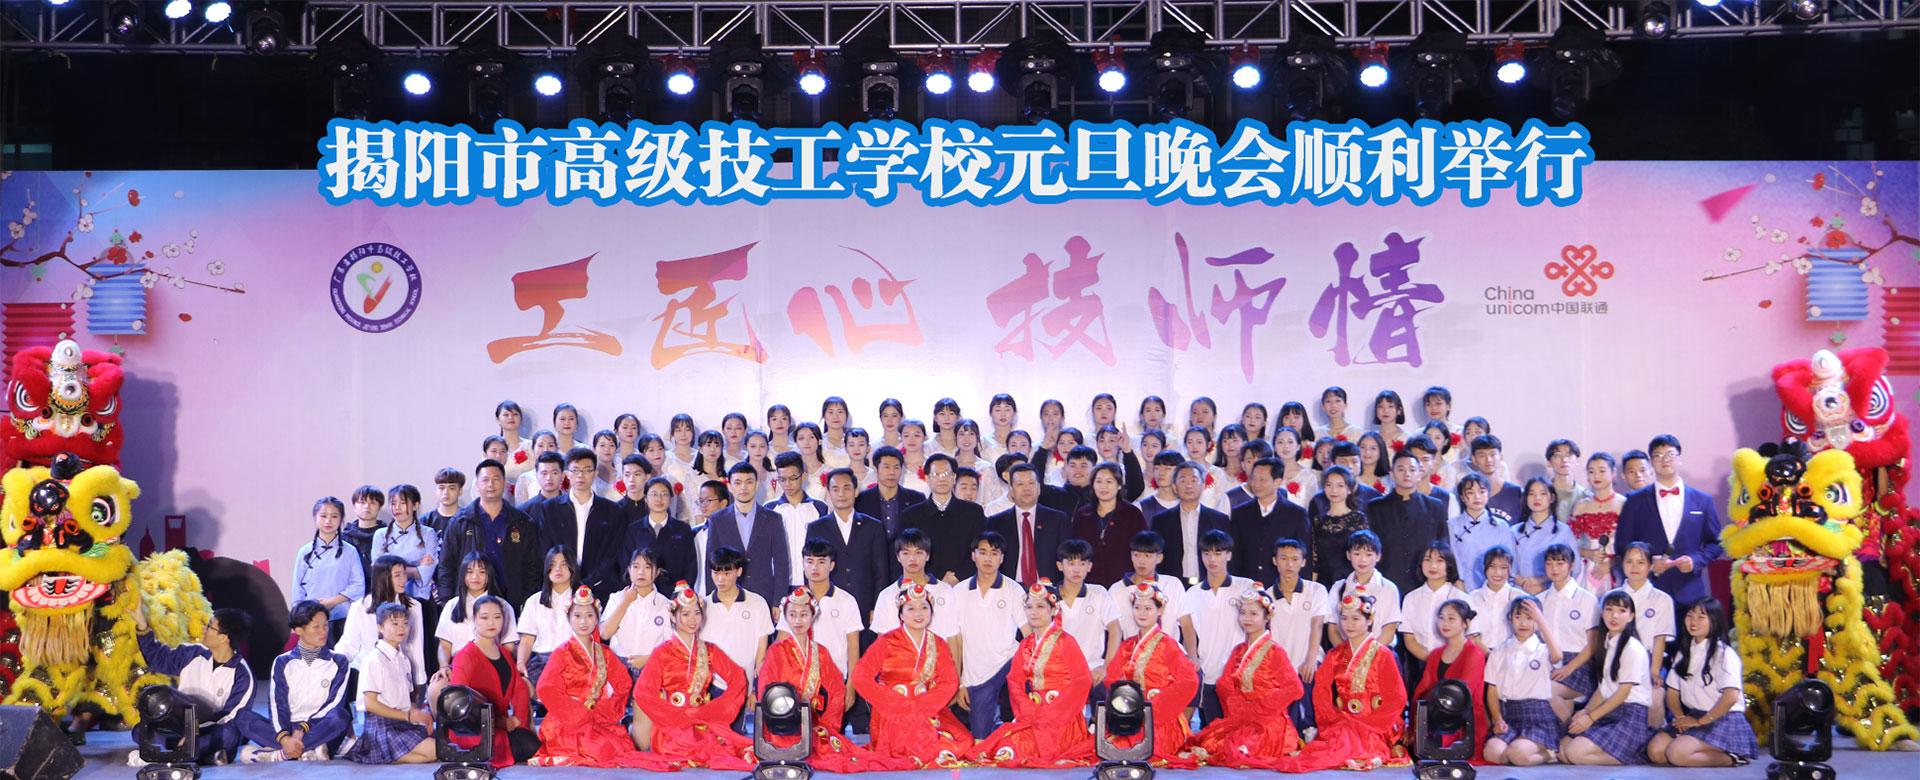 jie阳shi高级凯时国ji学xiao2019年yuan旦晚会-宣